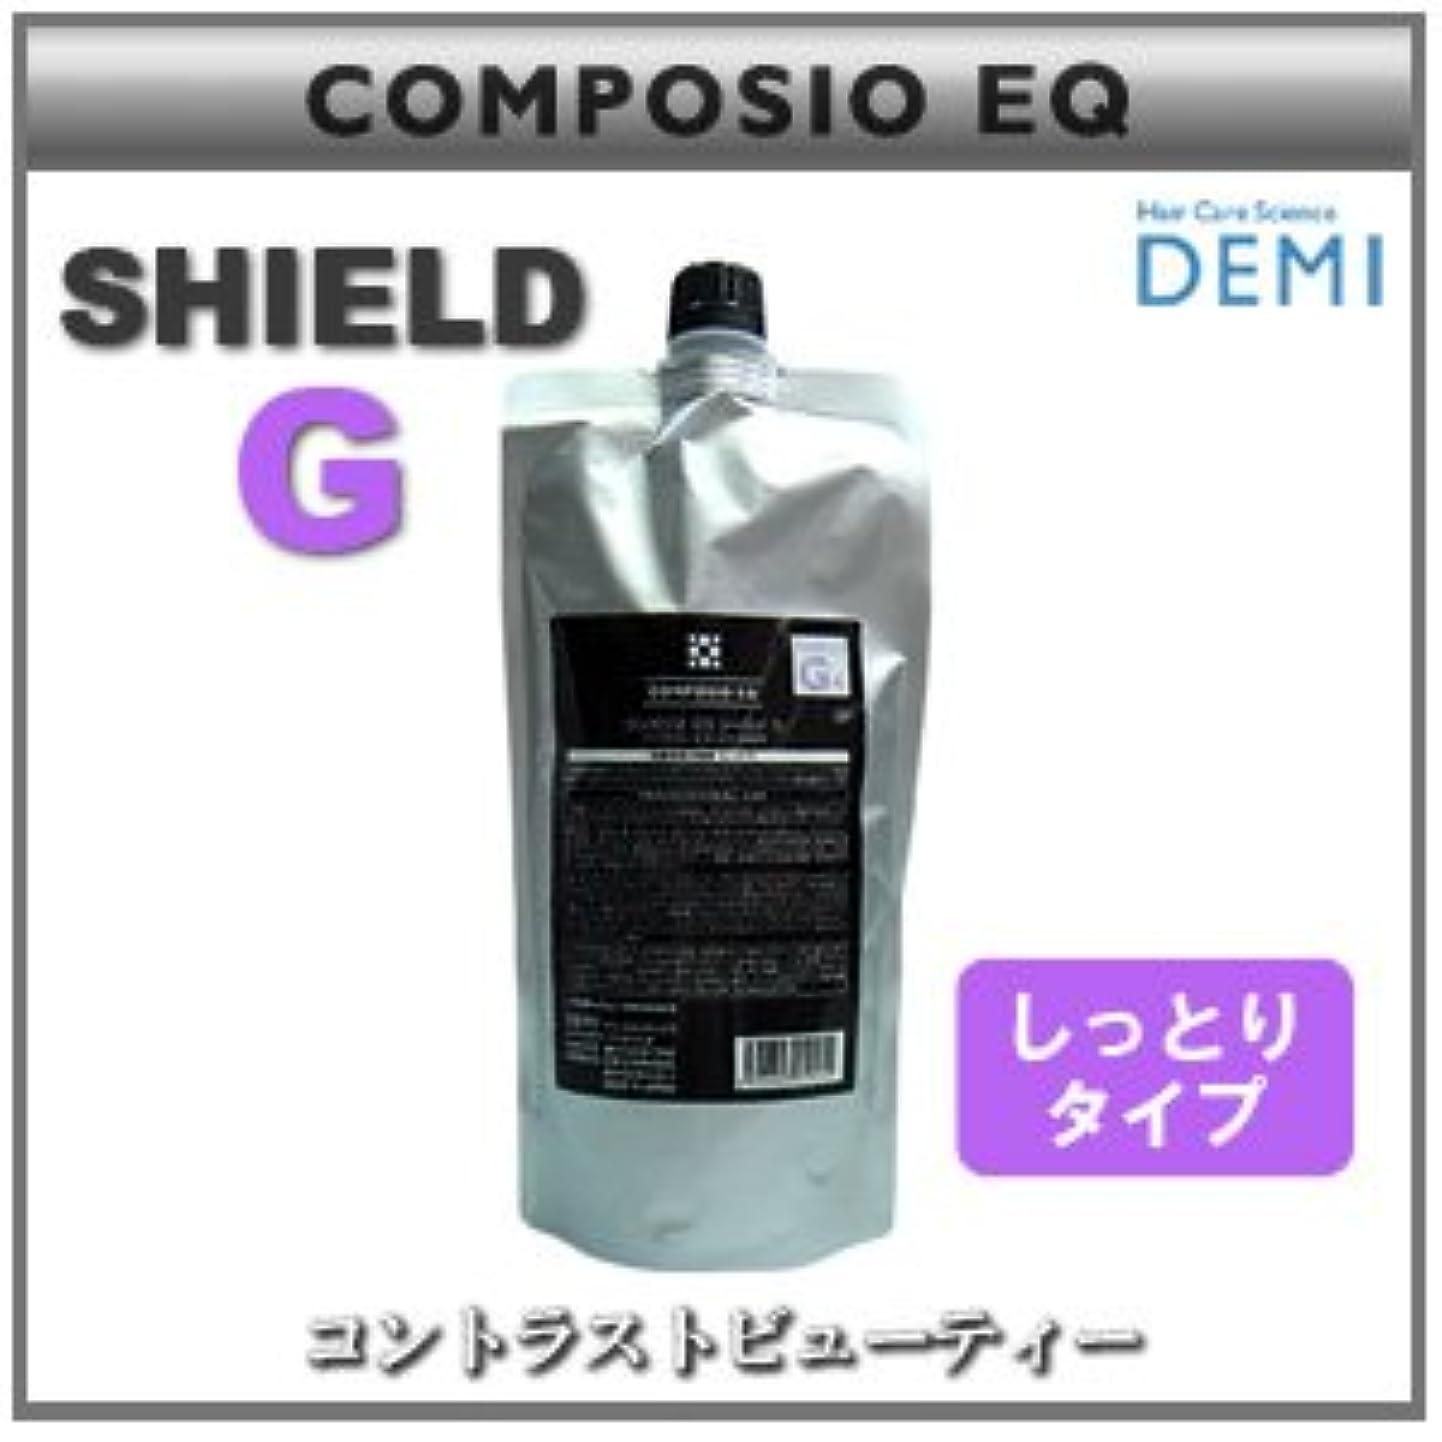 くすぐったい乱闘できた【X2個セット】 デミ コンポジオ EQ シールド G 450g